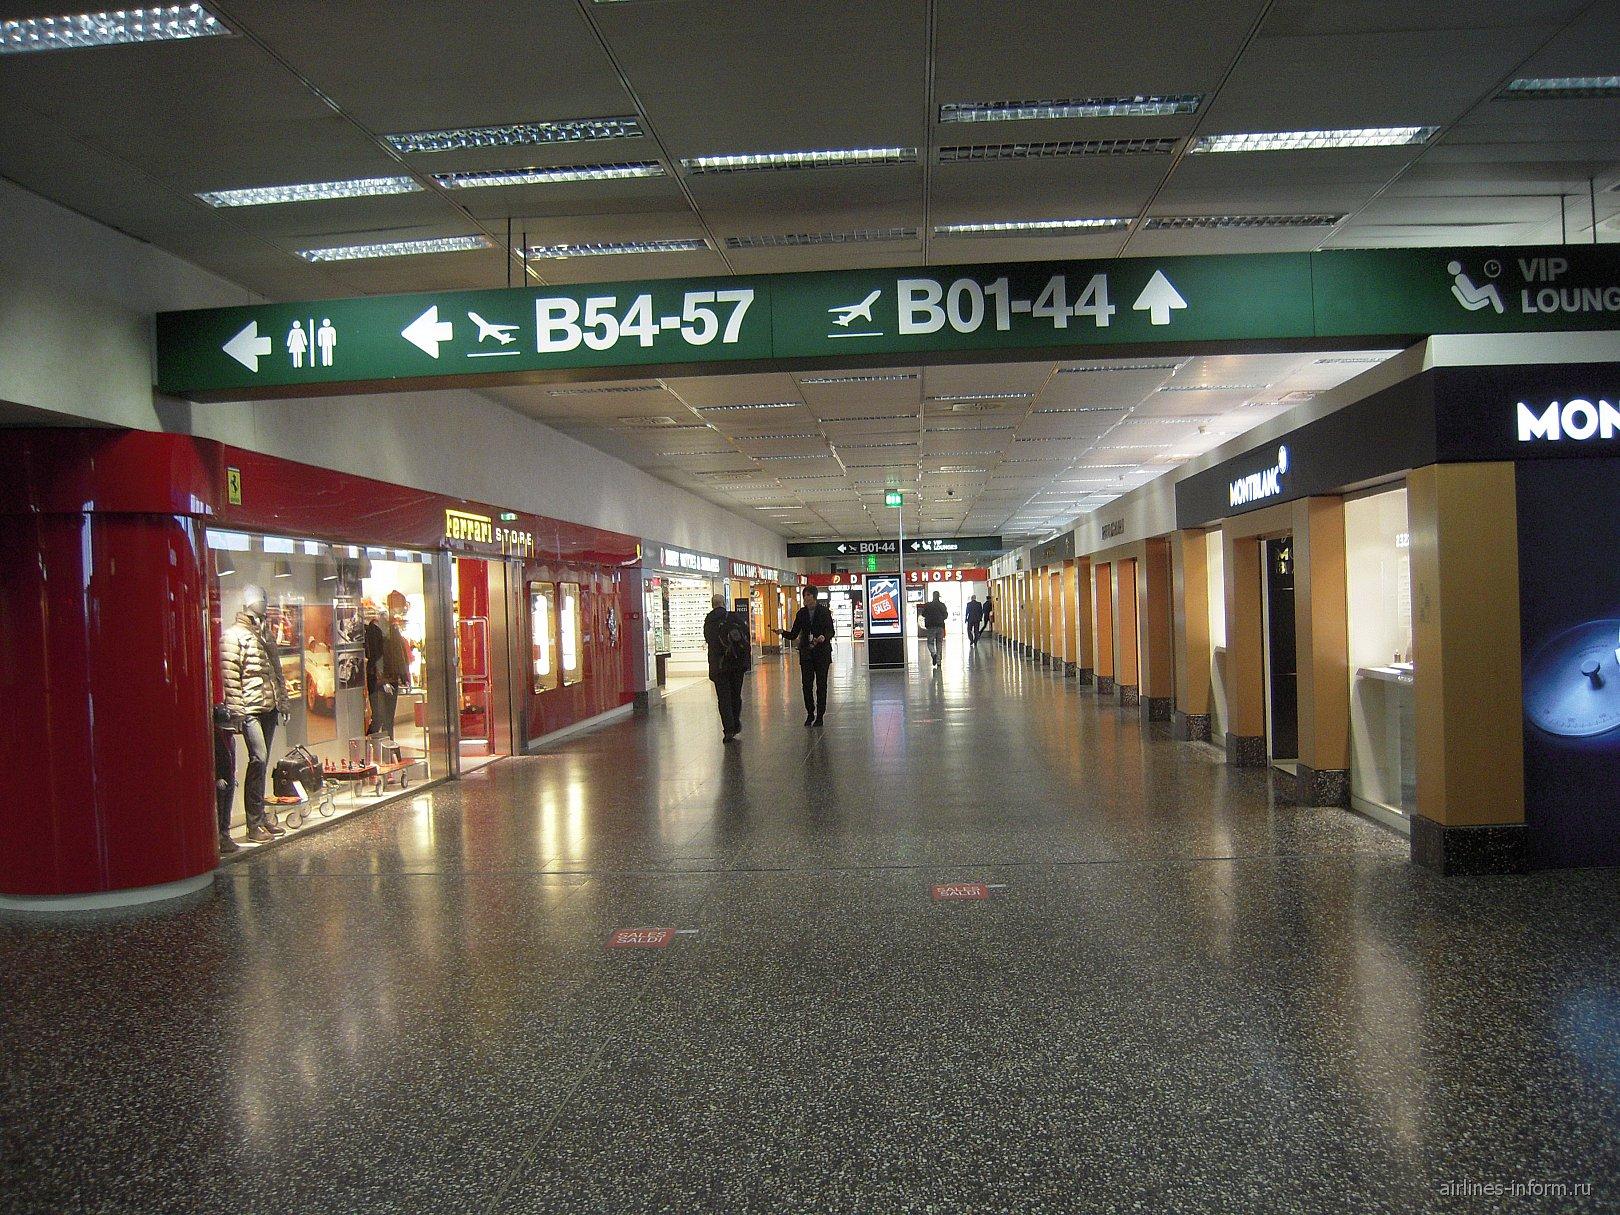 Магазин дьюти-фри в аэропорту Милан Мальпенса